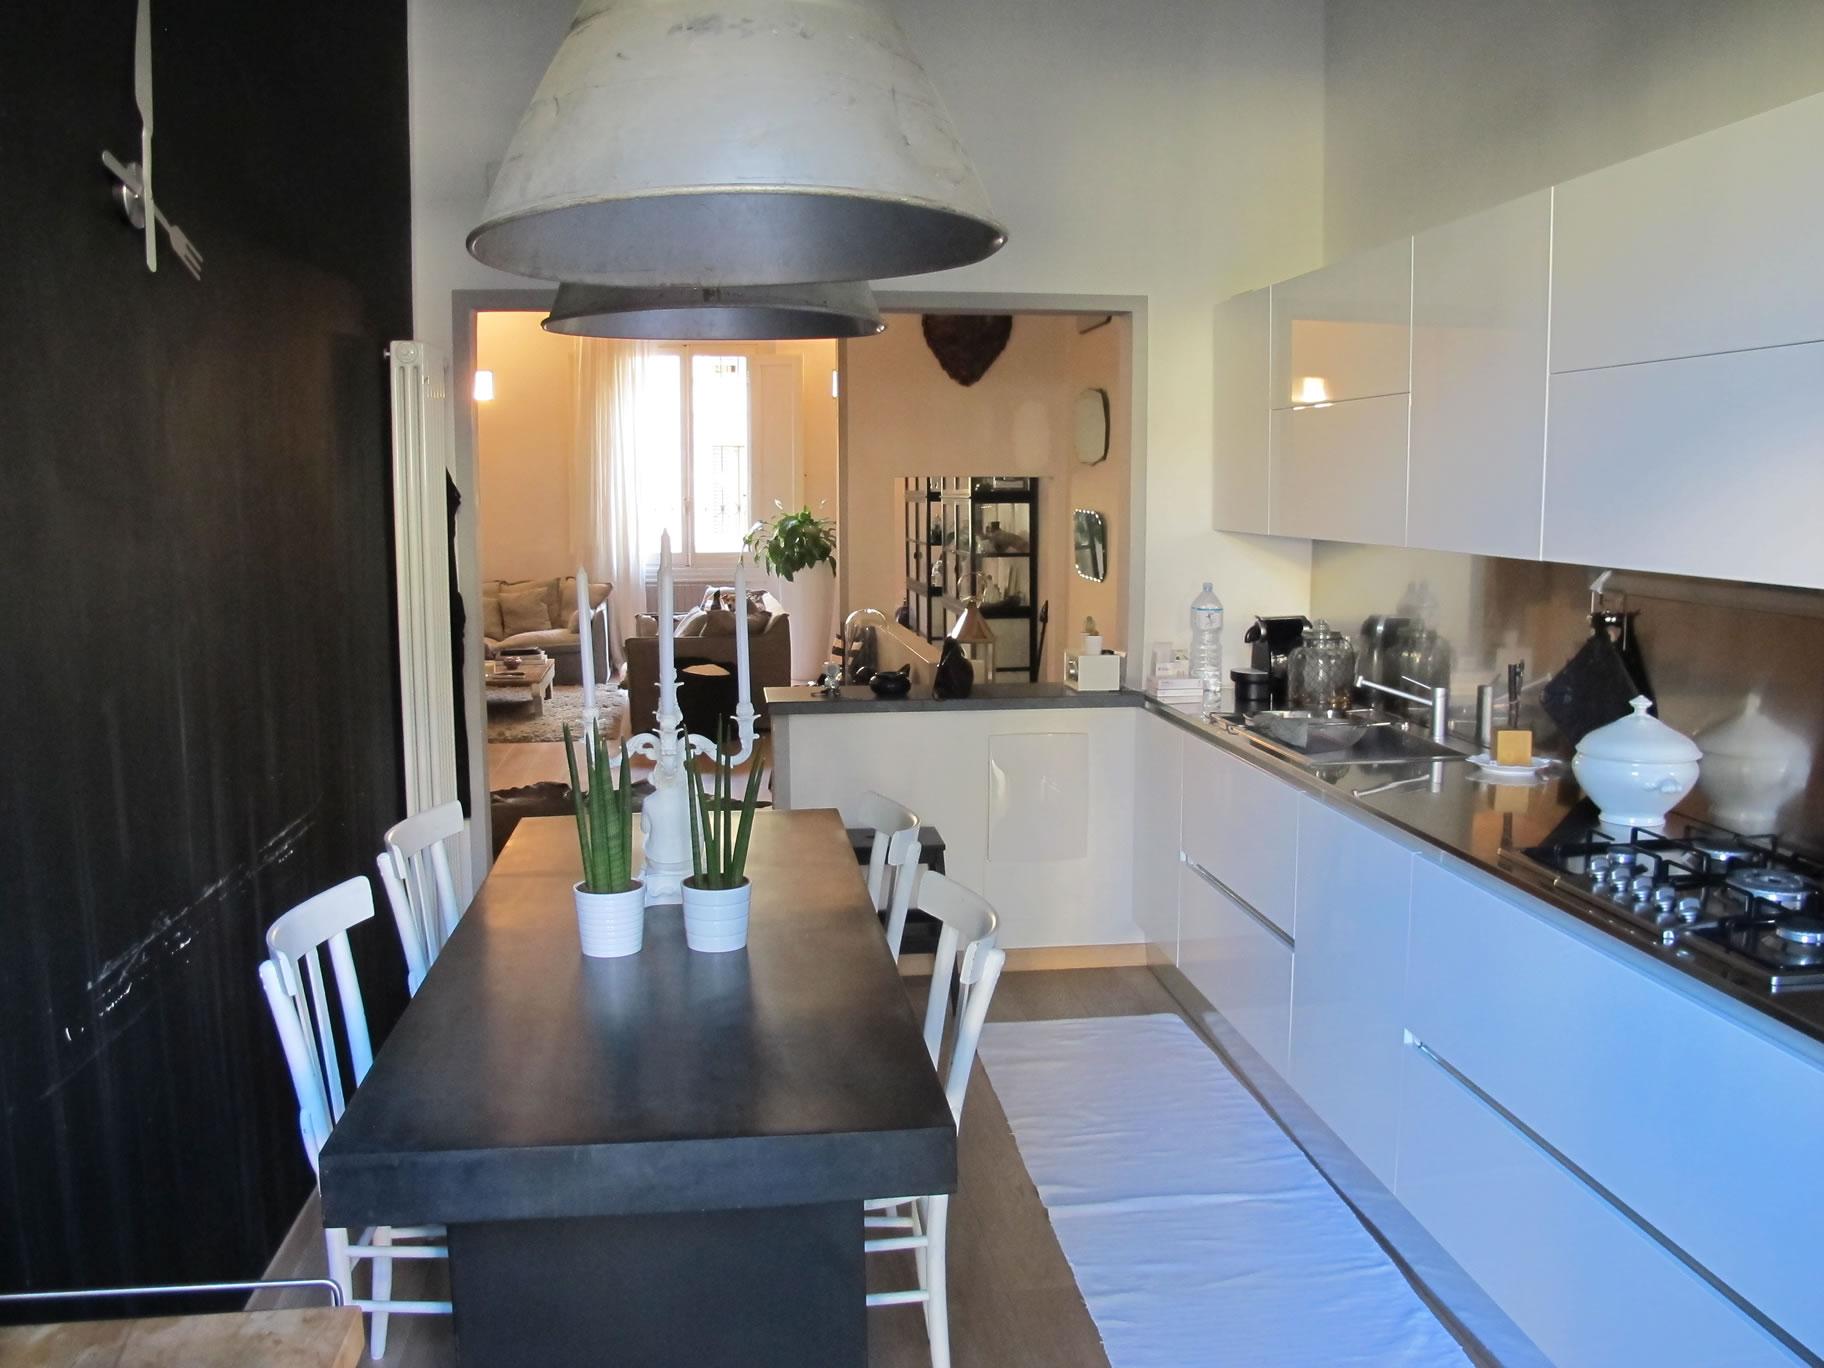 Cucina da 40 mq ricette popolari sito culinario for Cucina soggiorno 15 mq